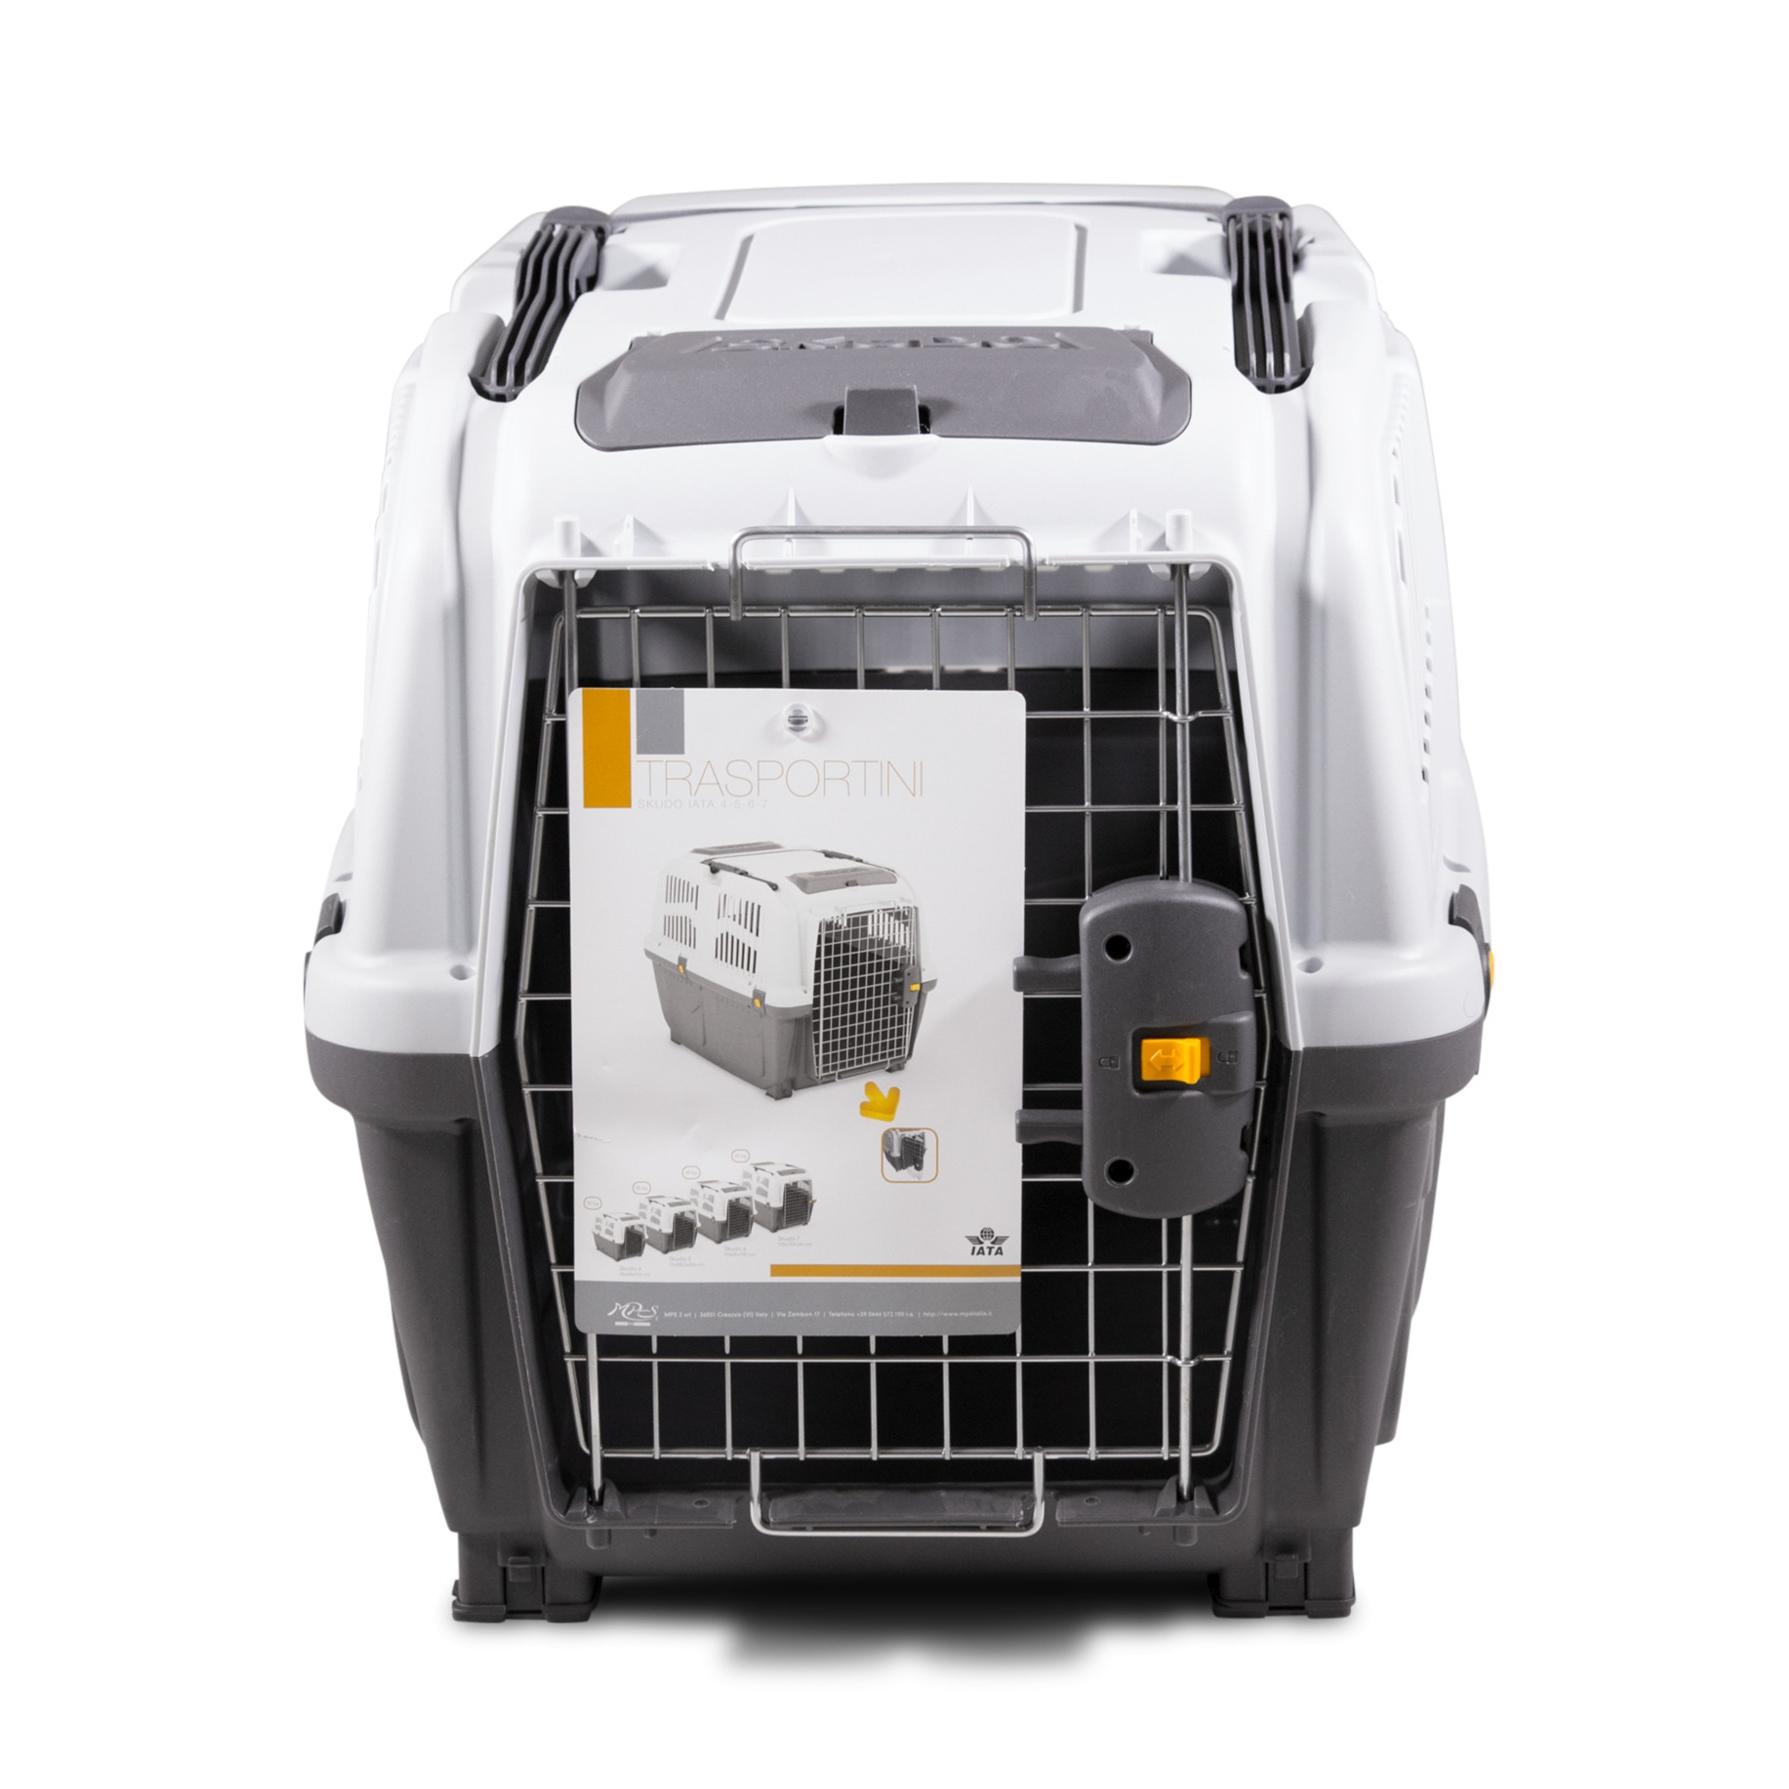 باکس حمل سگ مدل 7 iata